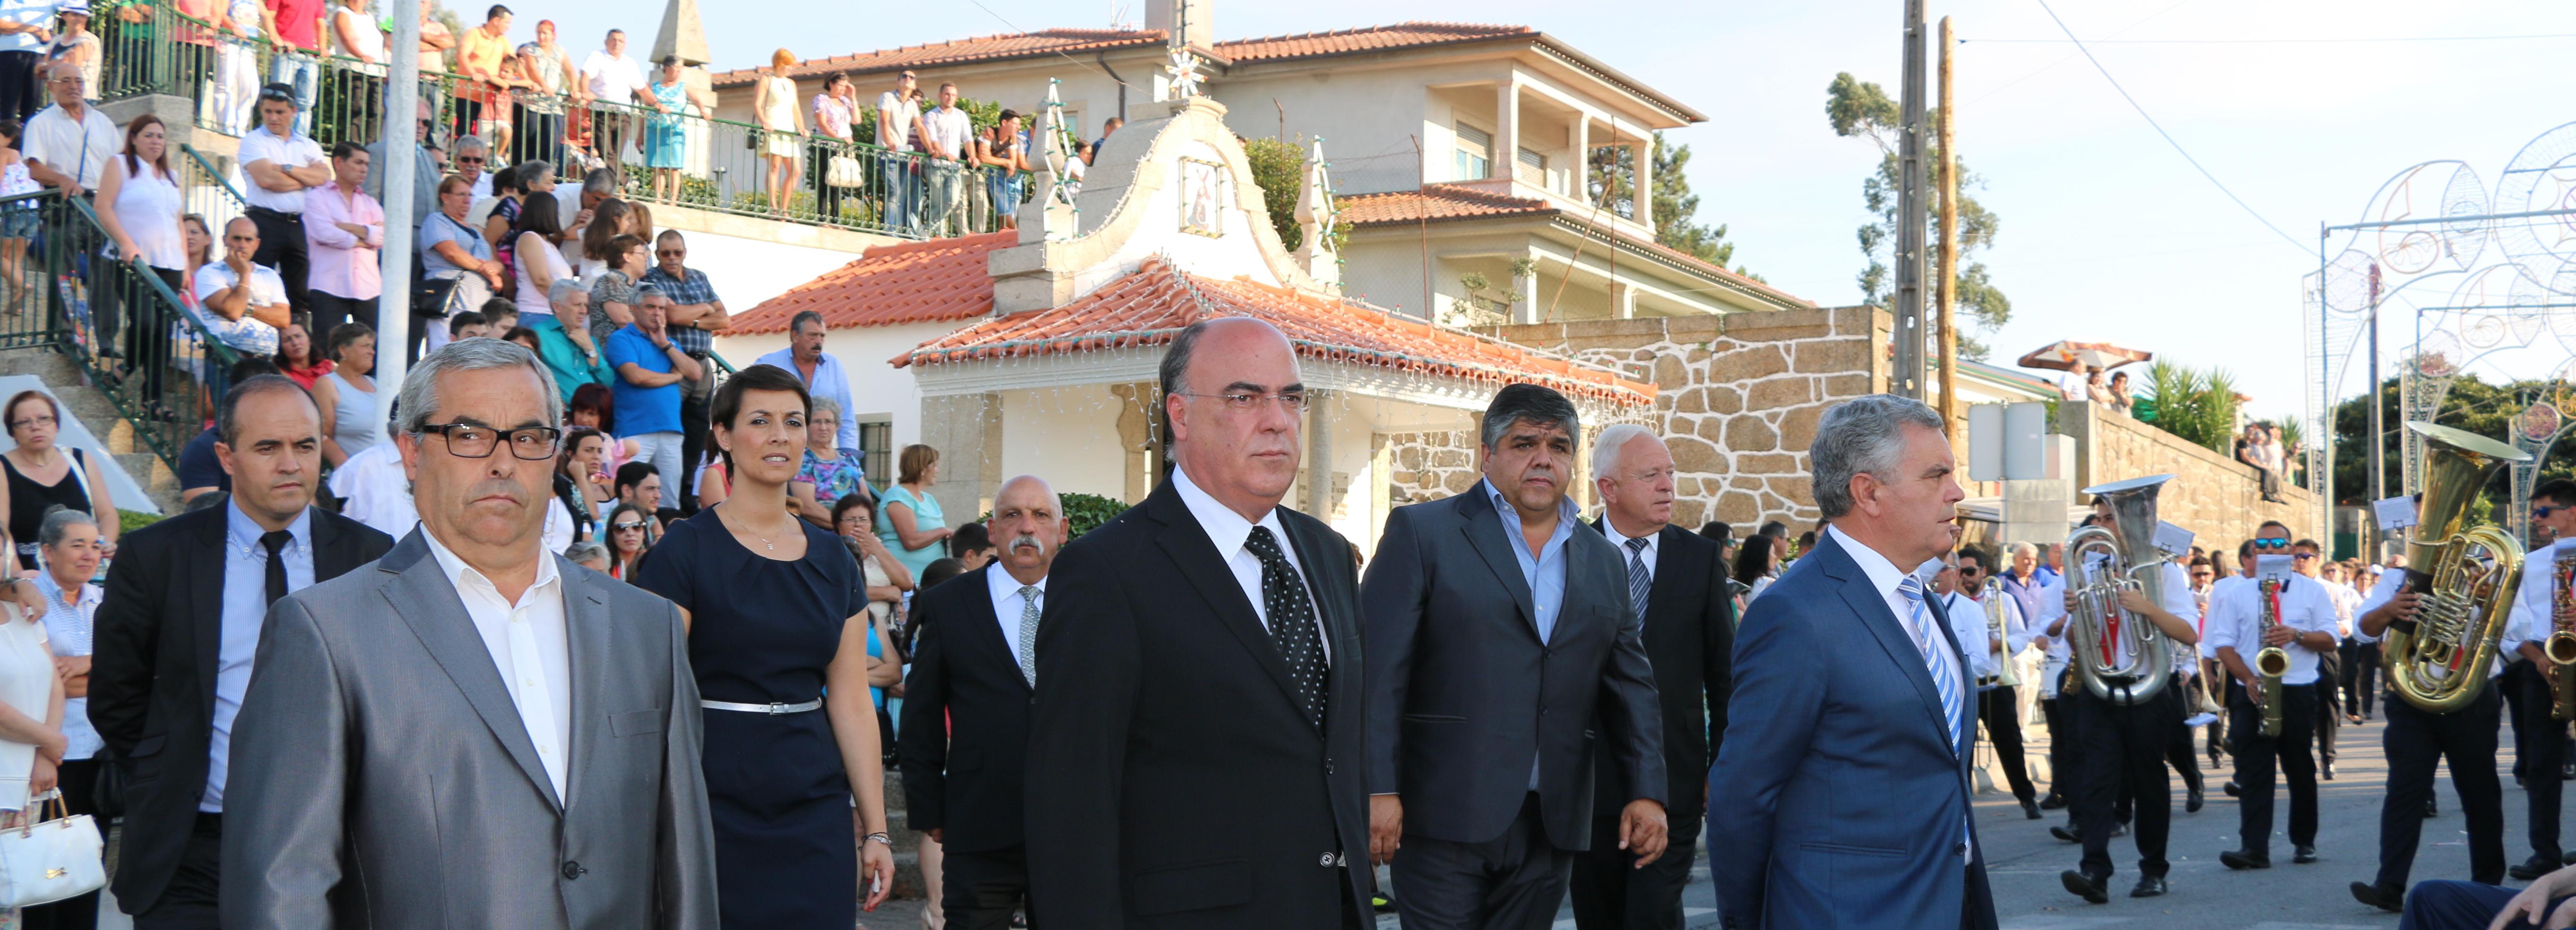 Presidente da Câmara presente nas festividades em honra de Nossa Senhora das Dores